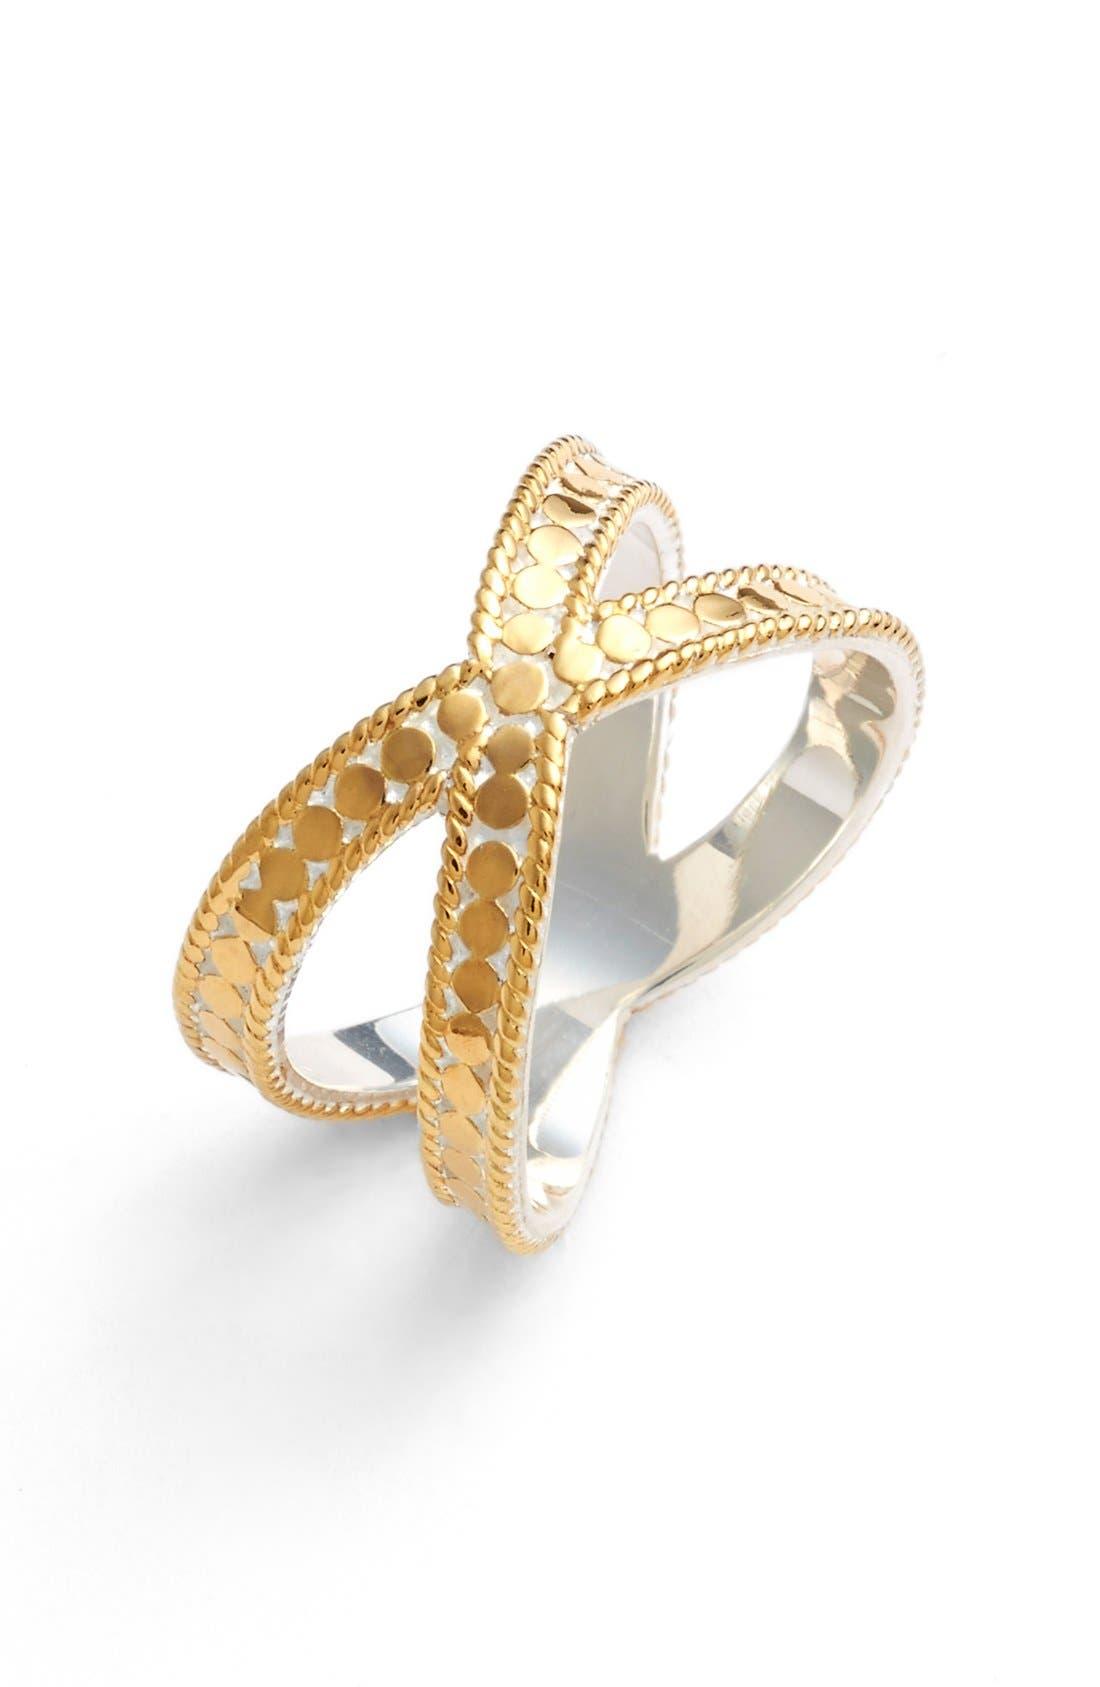 Main Image - Anna Beck 'Gili' Crossover Ring